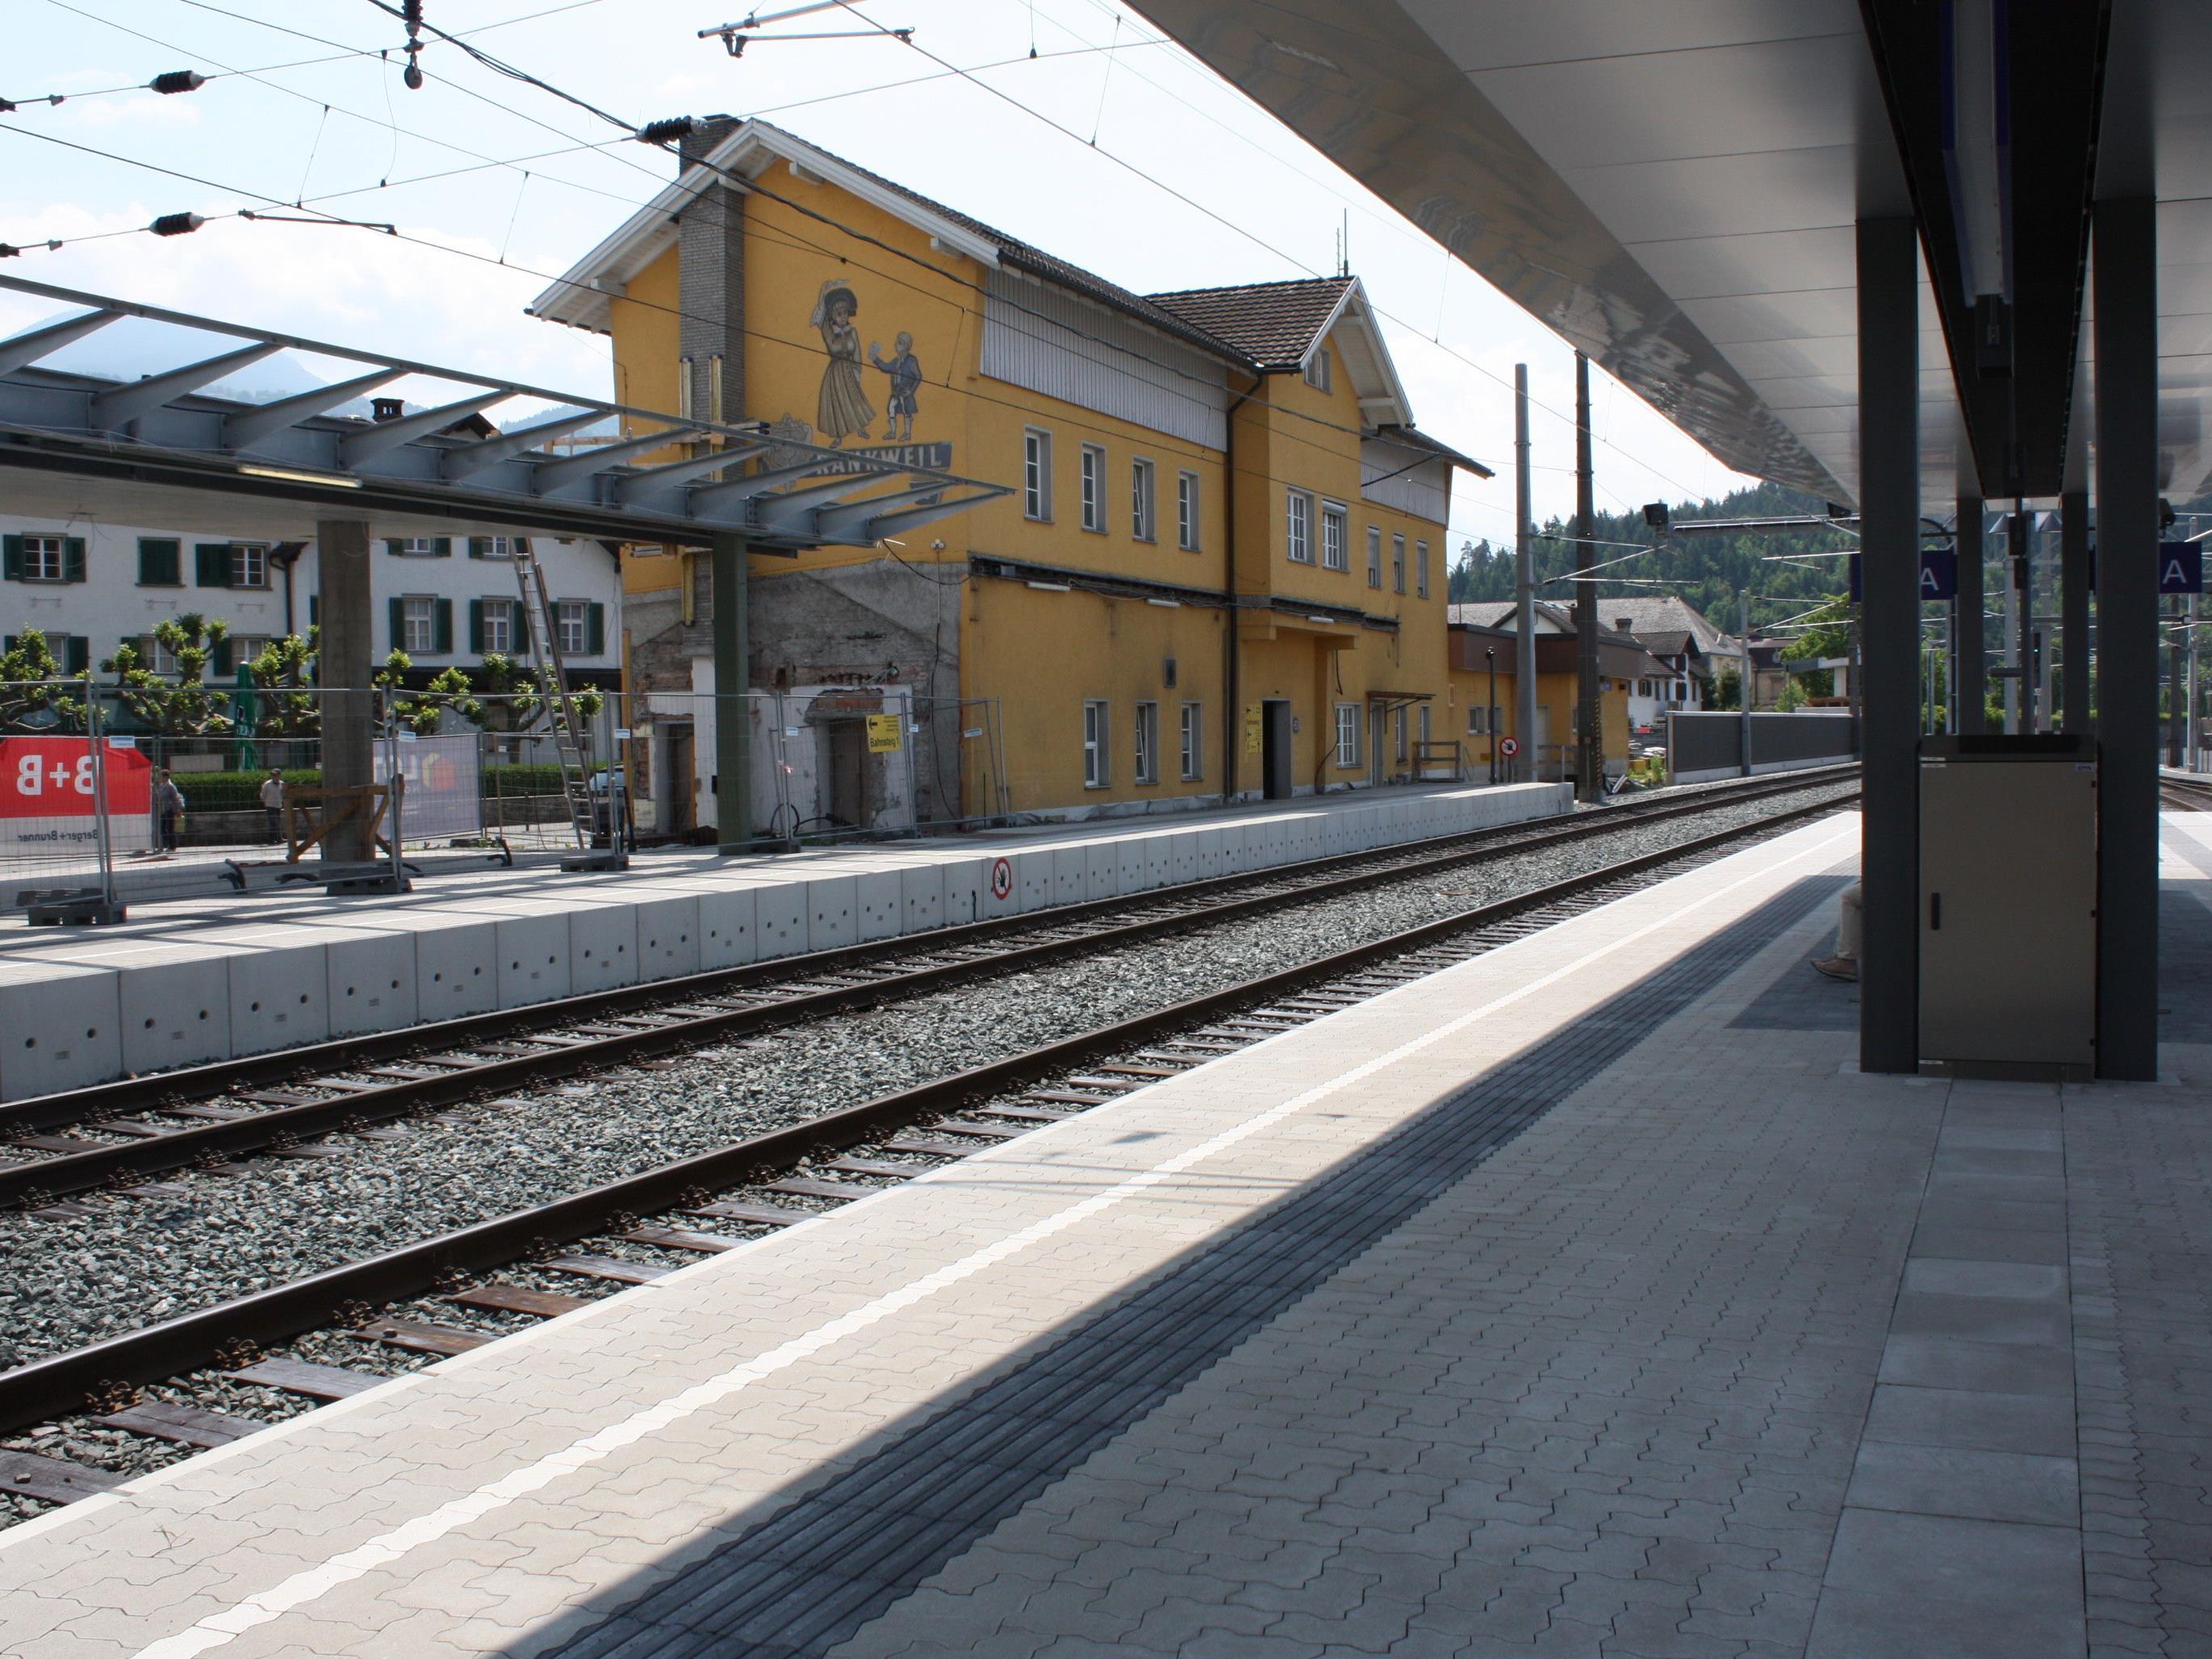 Die Tage des alten Bahnhofgebäudes sind gezählt. In der aktuellen Bauetappe erfolgt sein Abbruch.